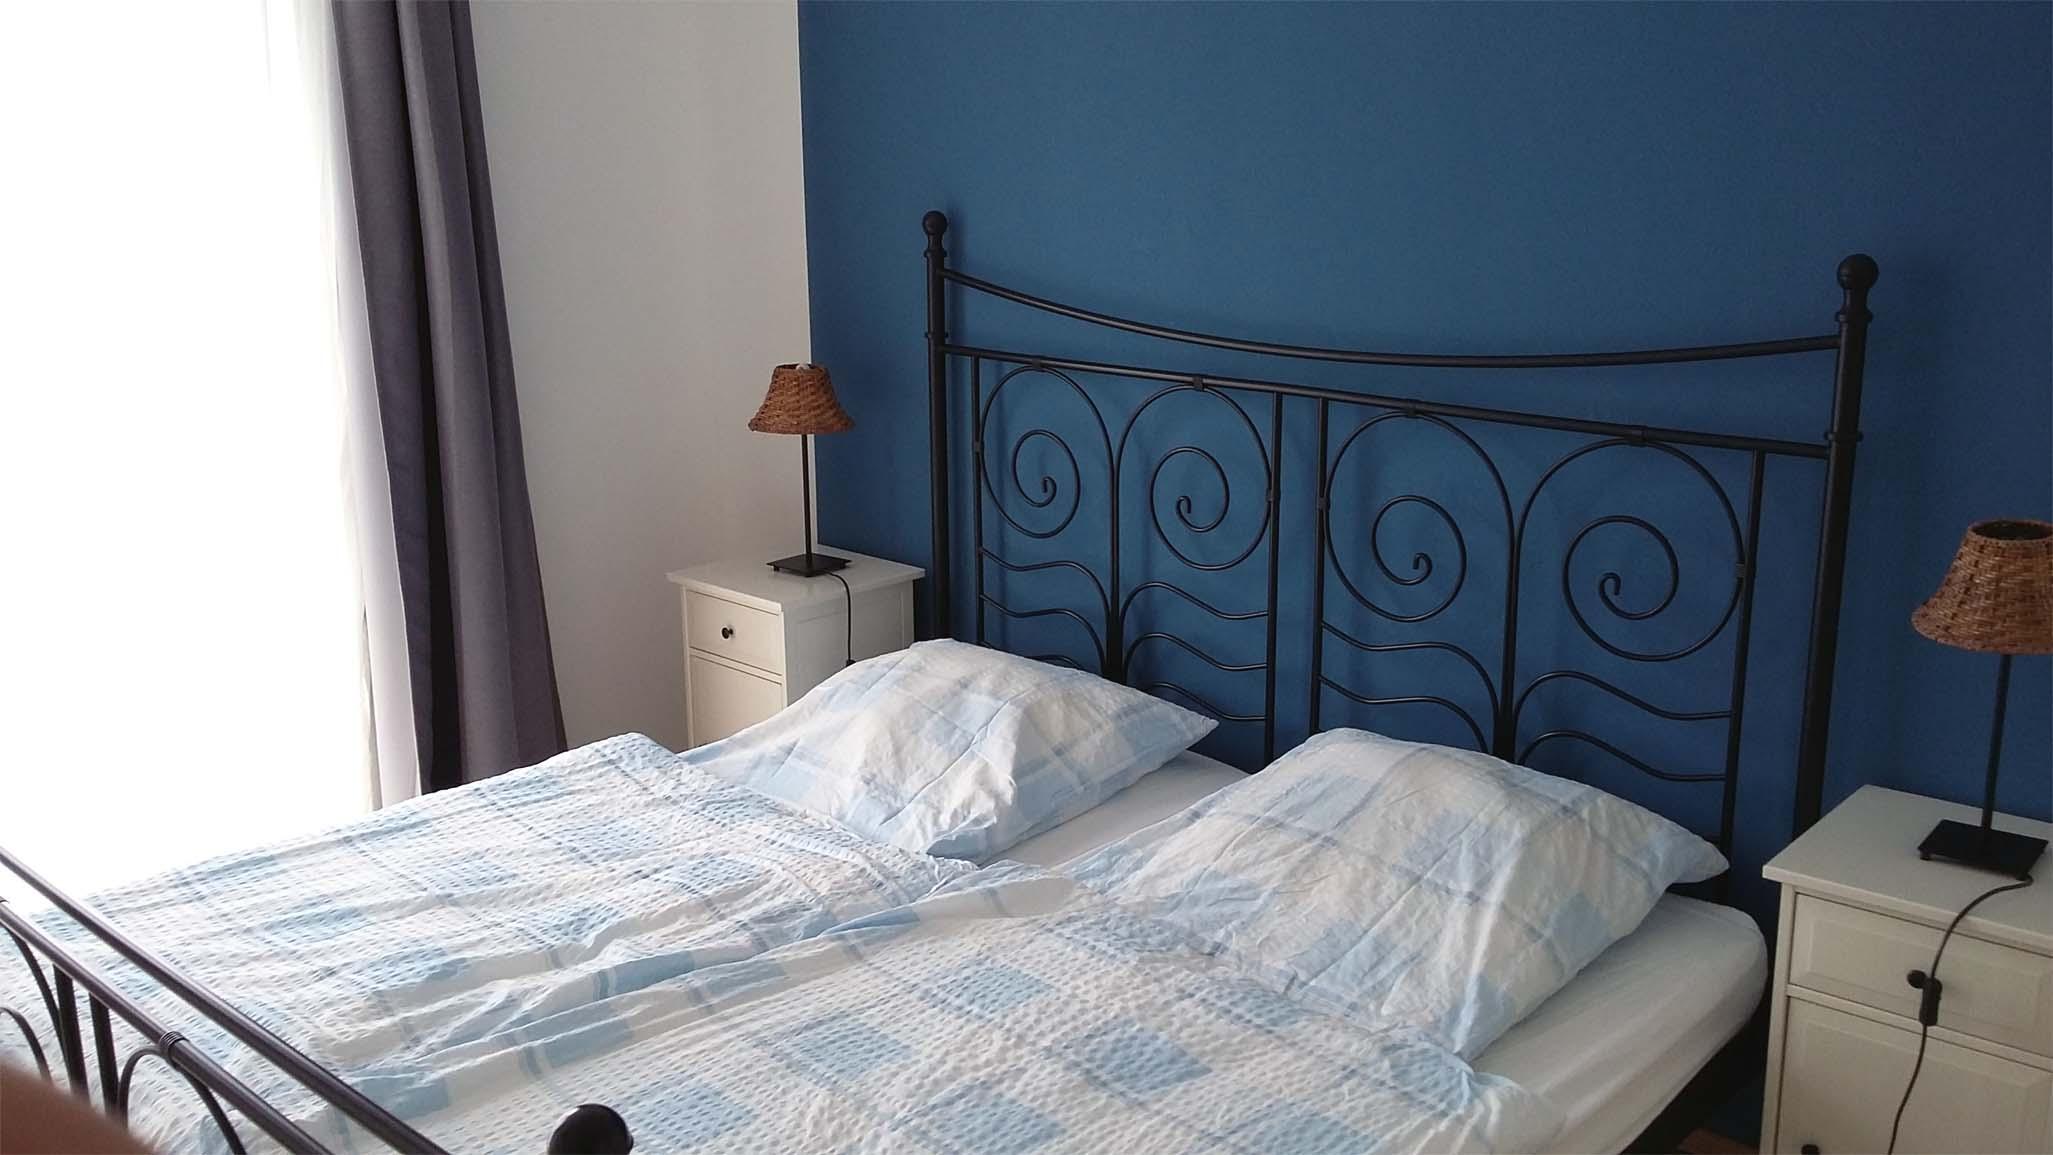 Ferienwohnung Hofblick - Schlafzimmer